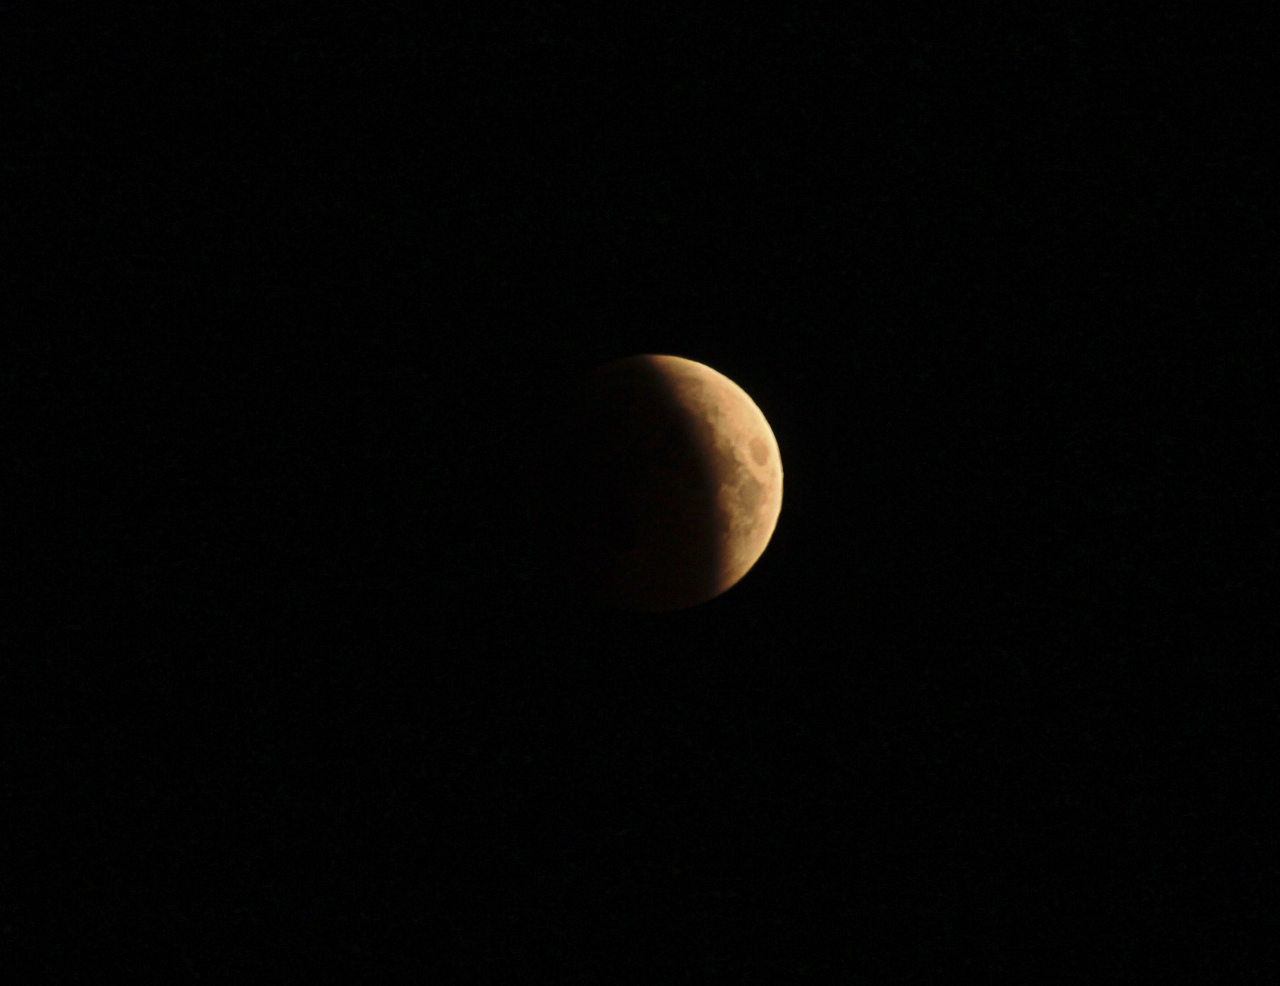 Когда будет кровавая луна в 2020 году | дата